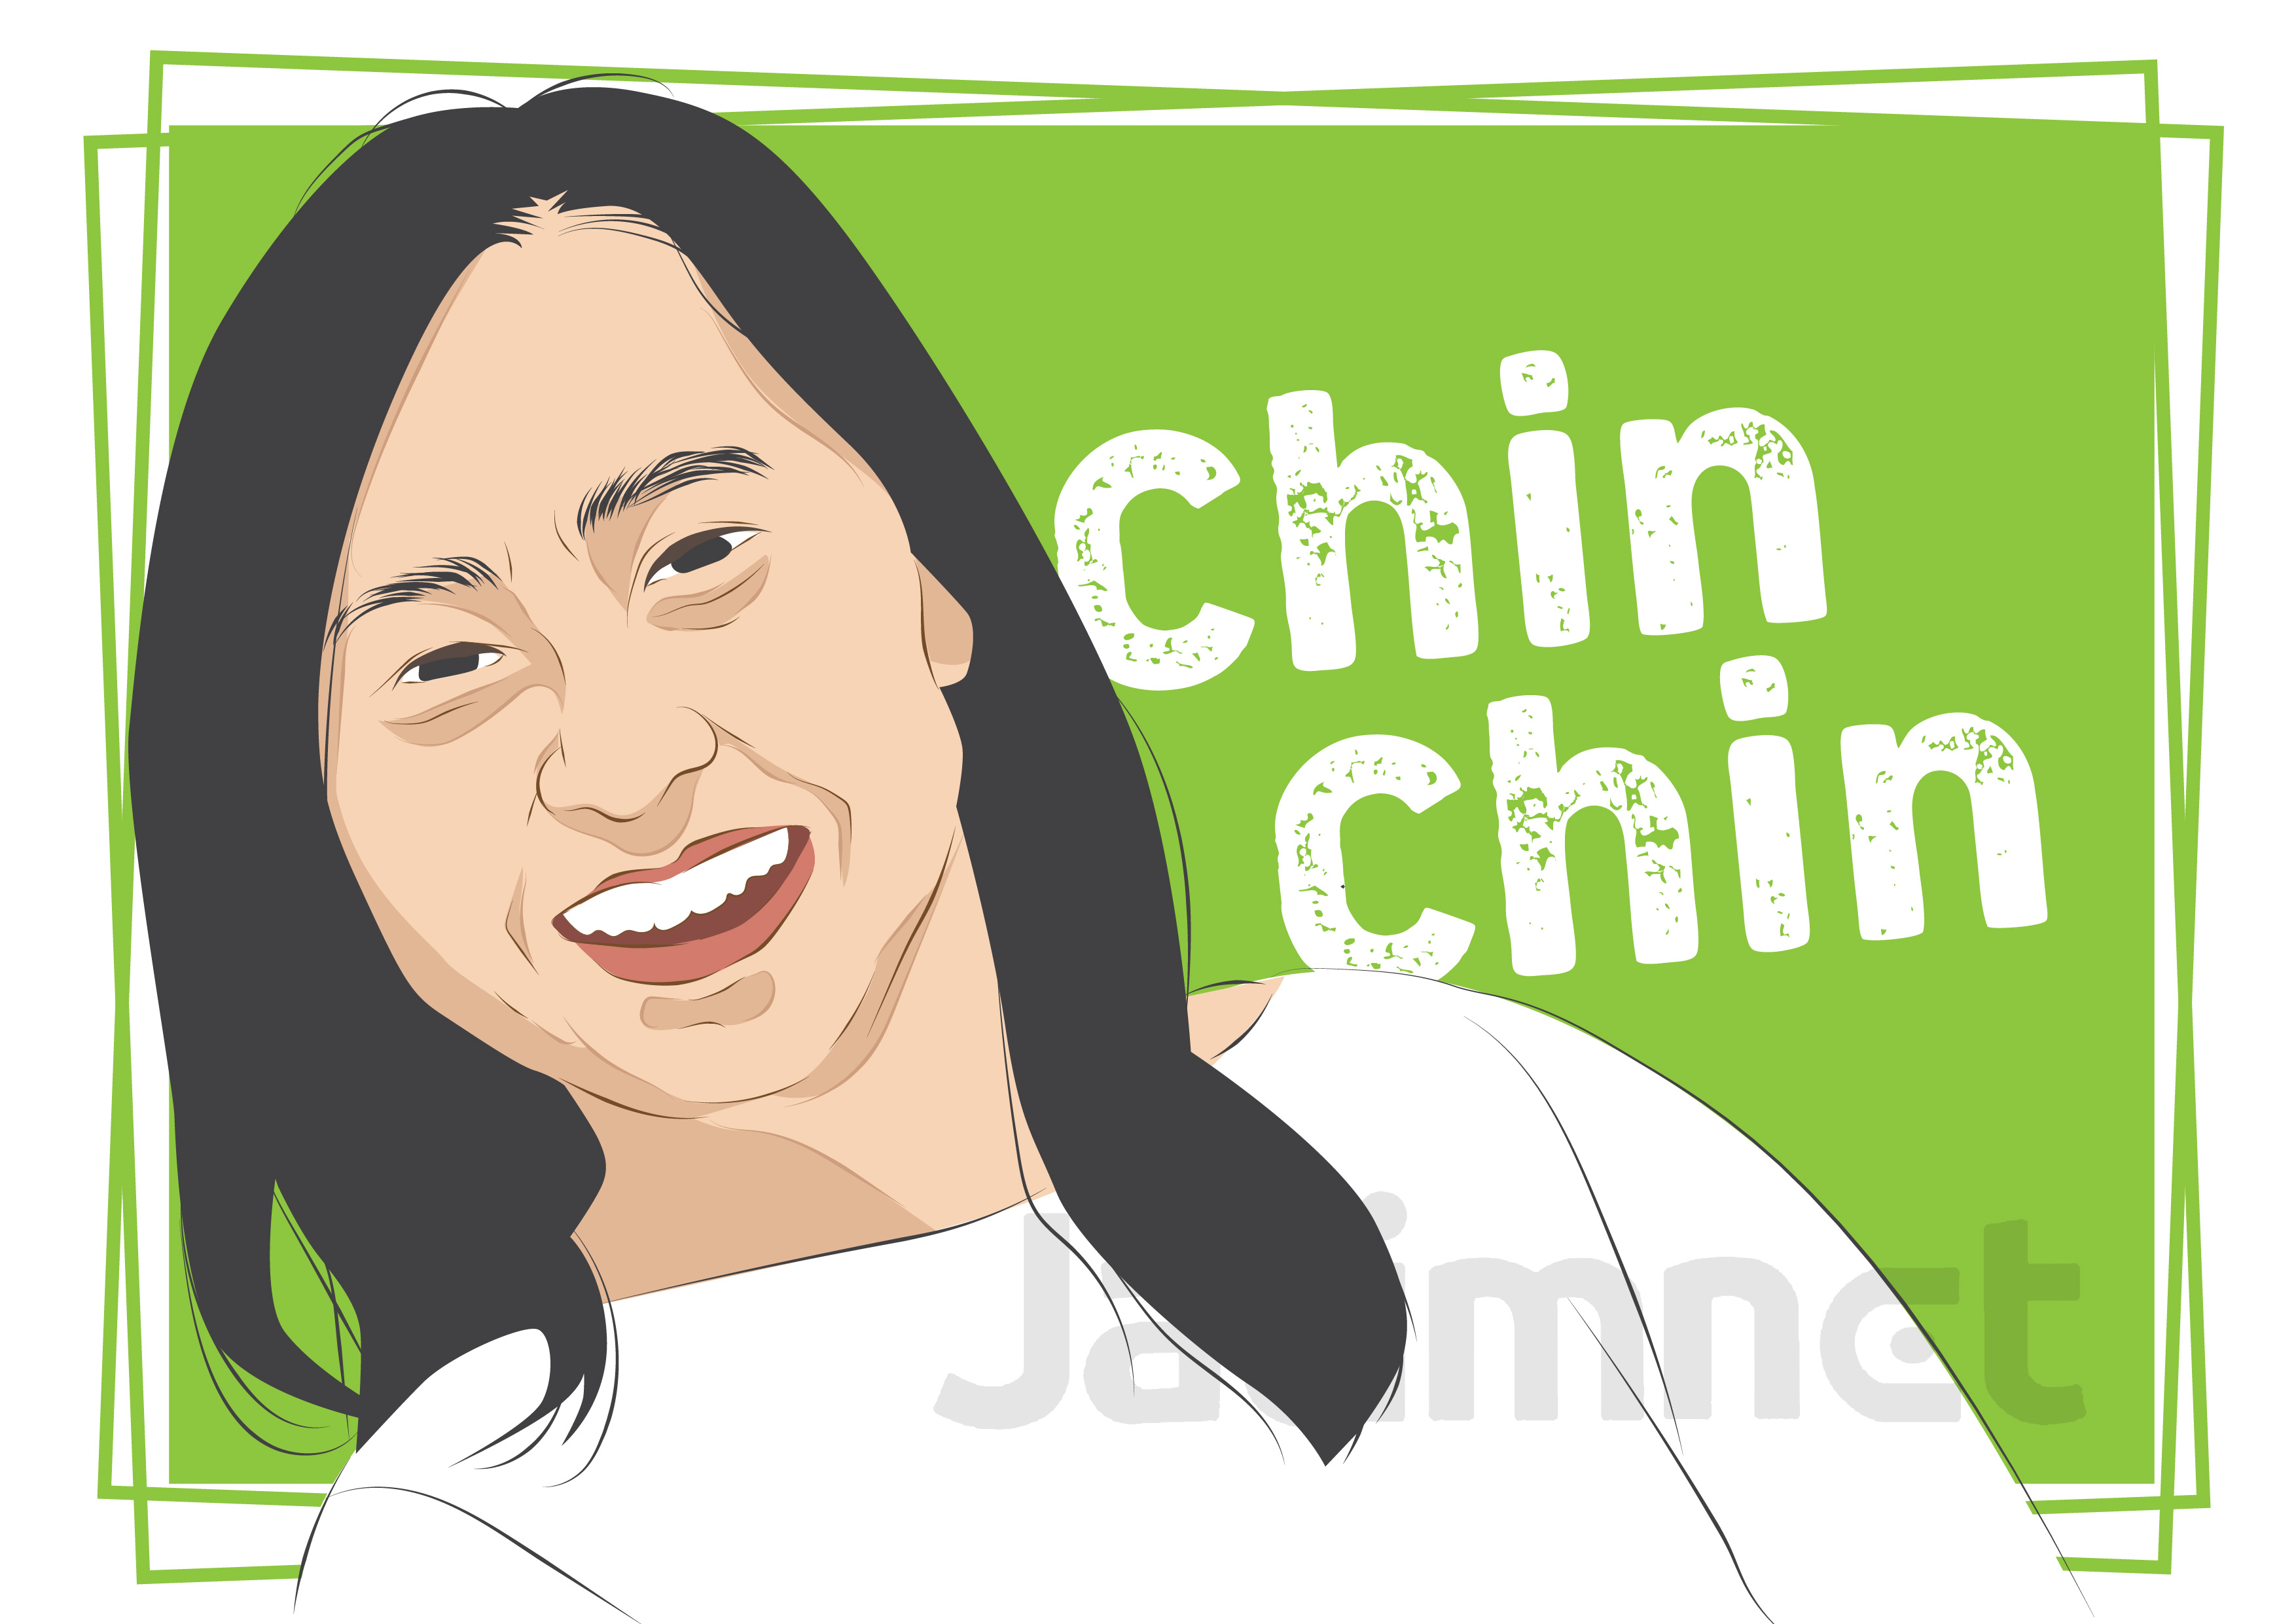 p-chin-chin-seorang-ibu-dan-gedung-klasik-p